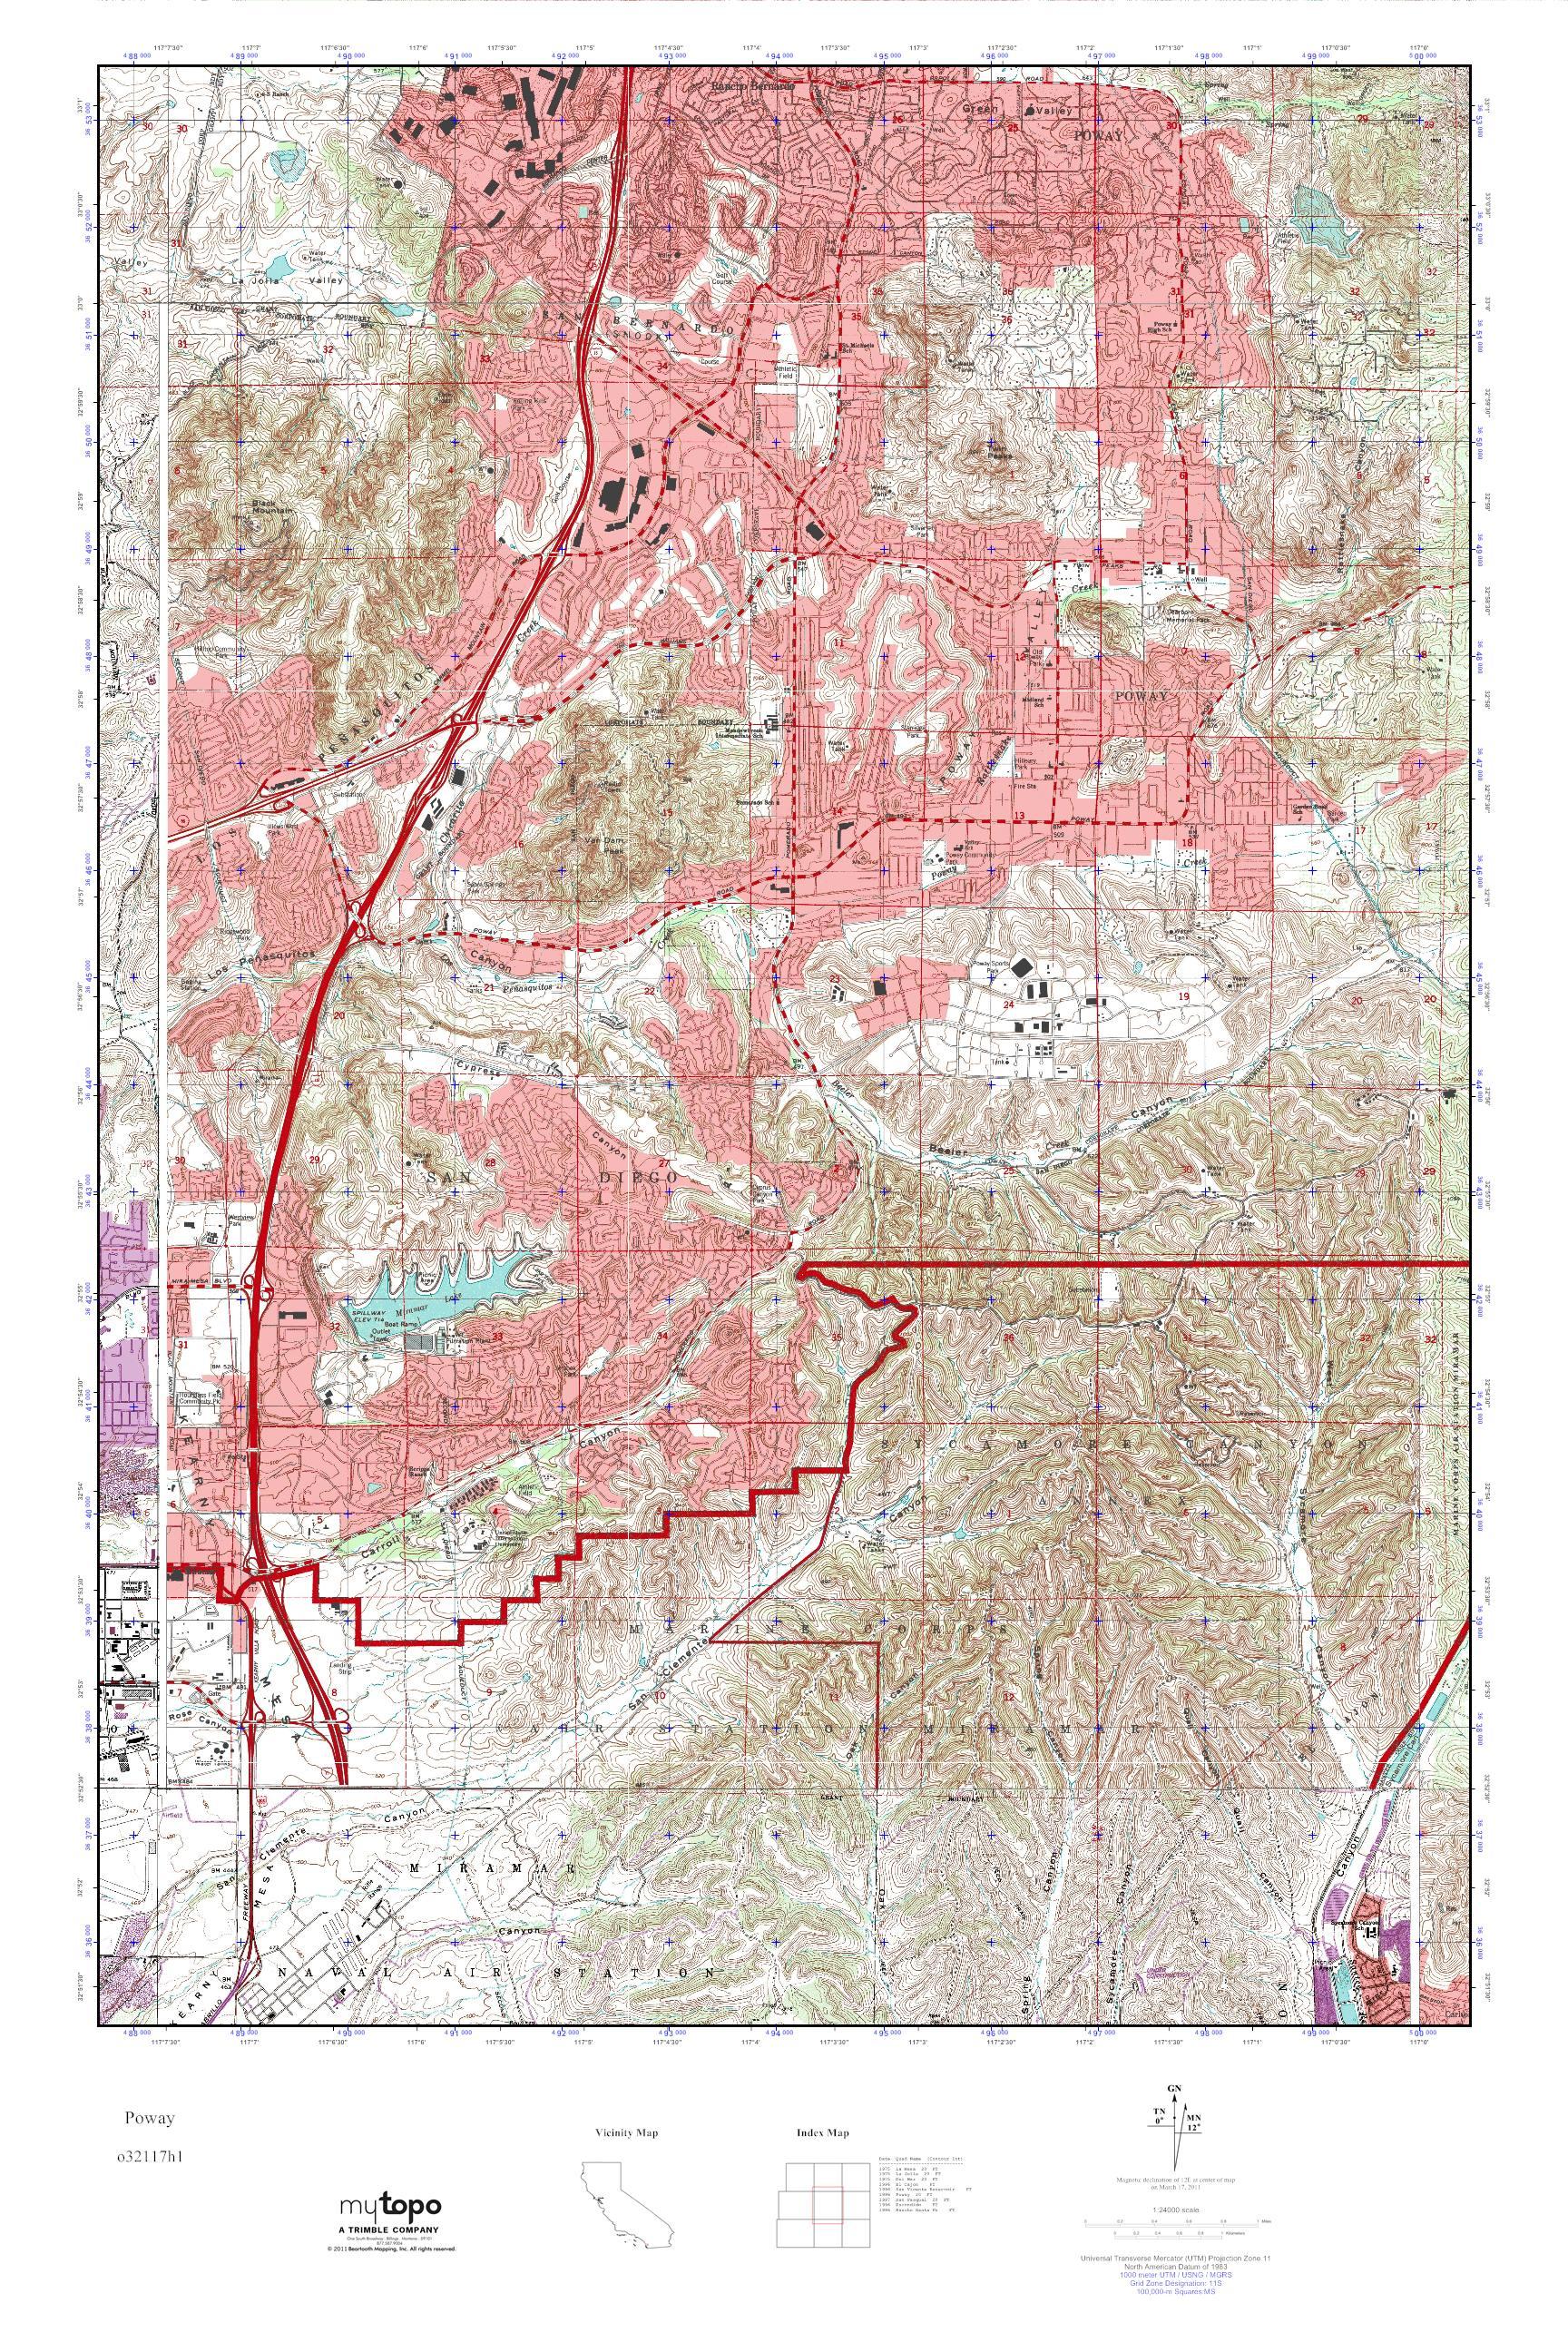 Poway California Map.Mytopo Poway California Usgs Quad Topo Map